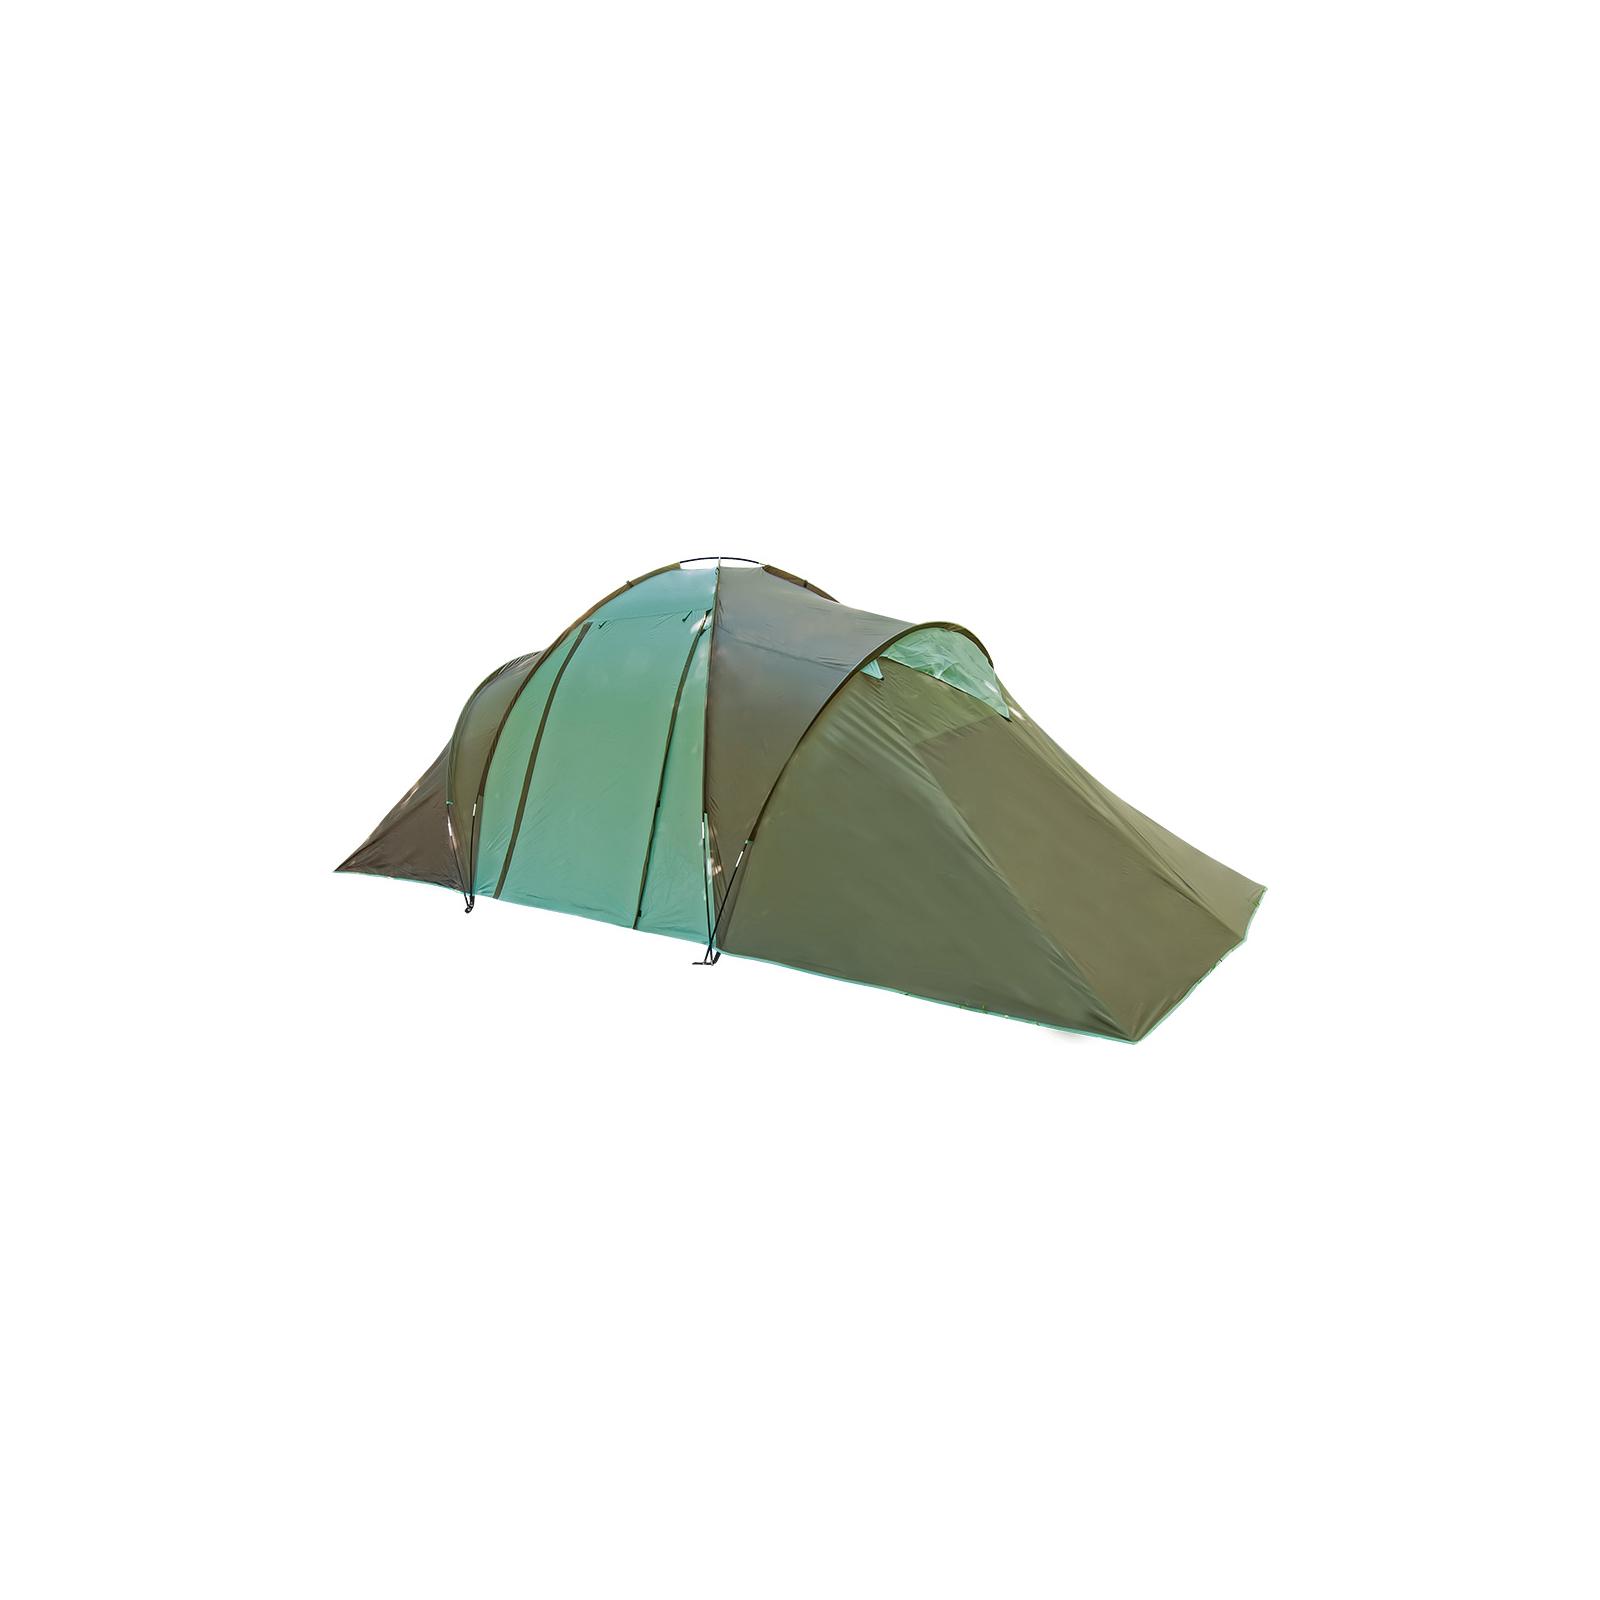 Палатка Time Eco Camping-6 изображение 2